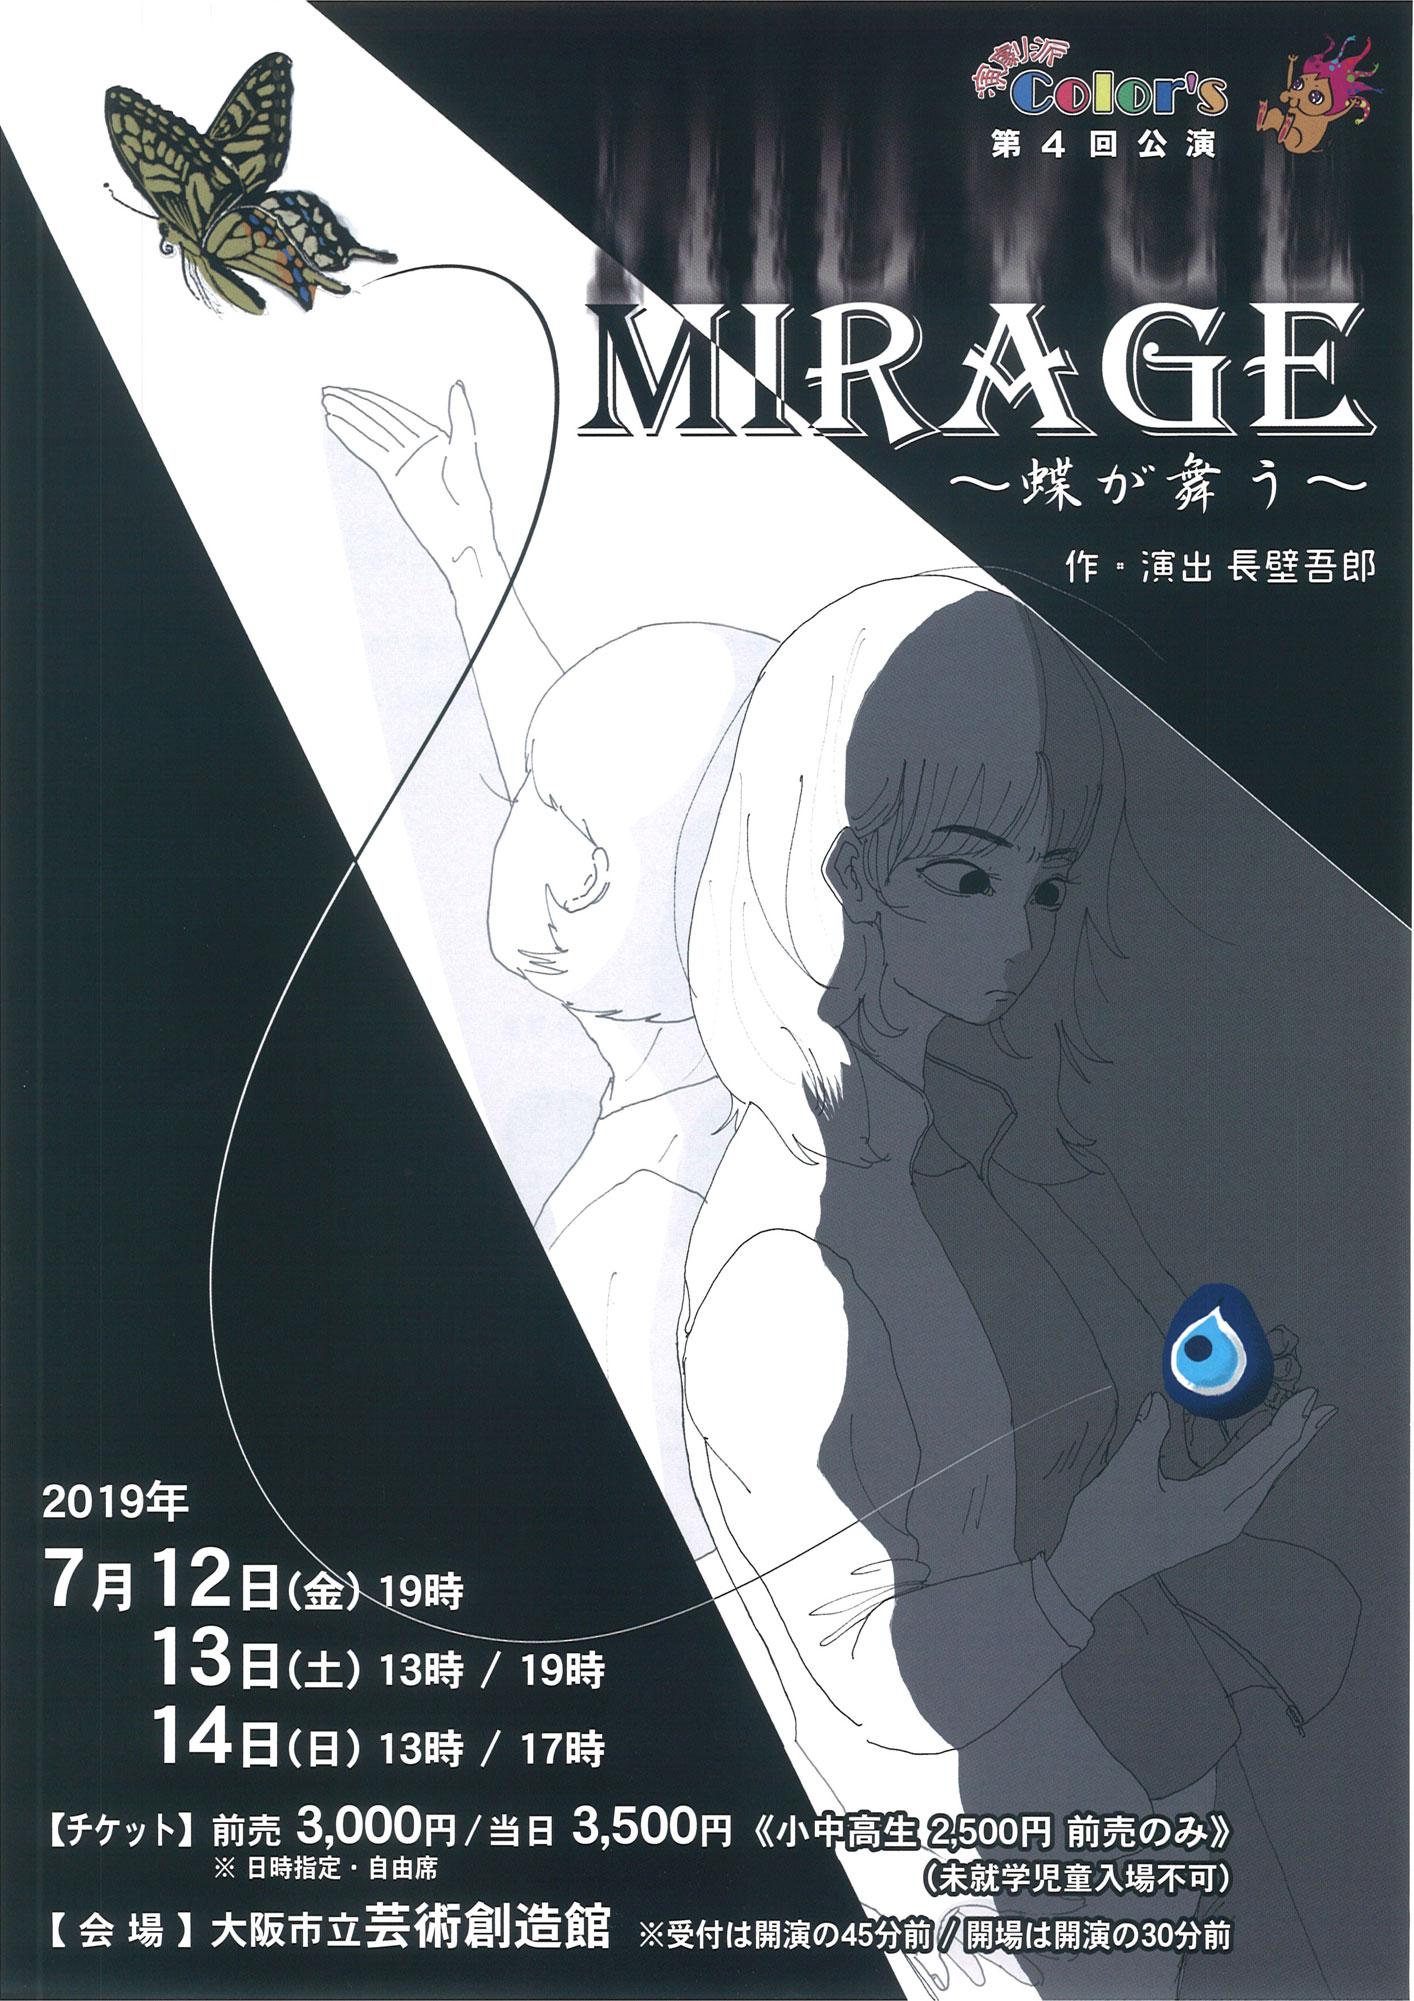 20190522-mirage___.jpg